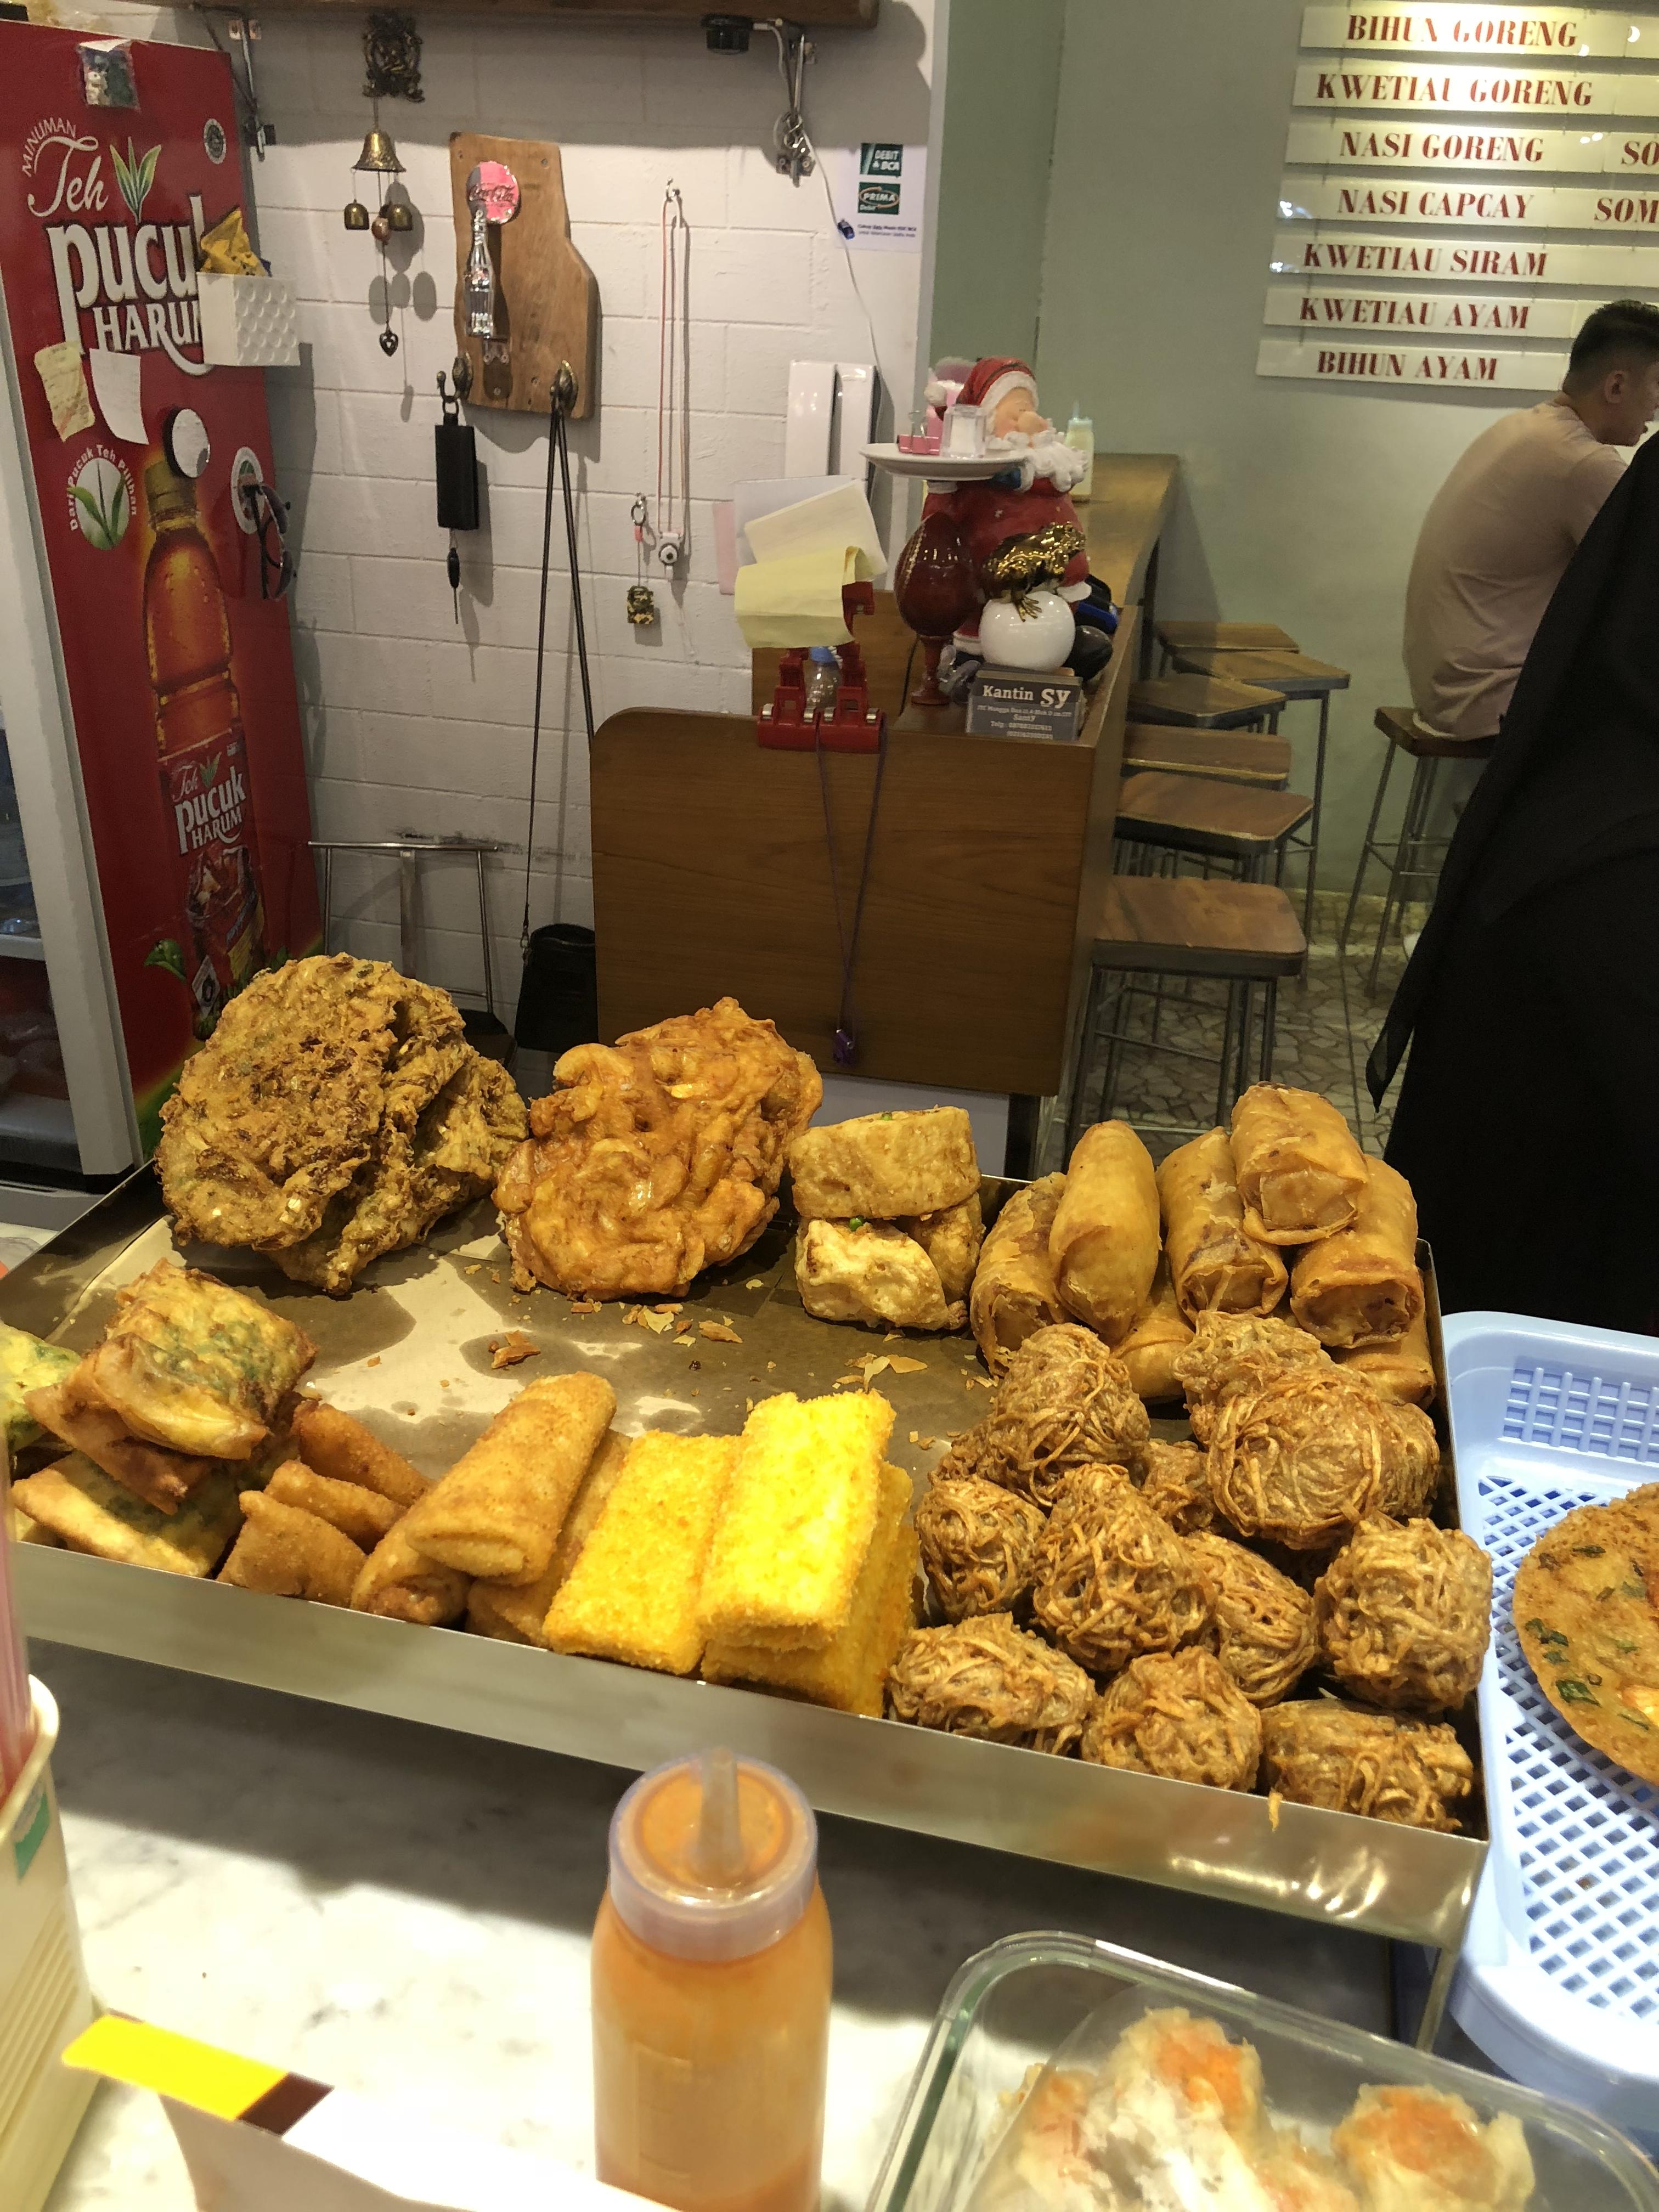 Terkeren 30 Gambar Lucu Ayam Pake Pampers Gambar Gokil Dan